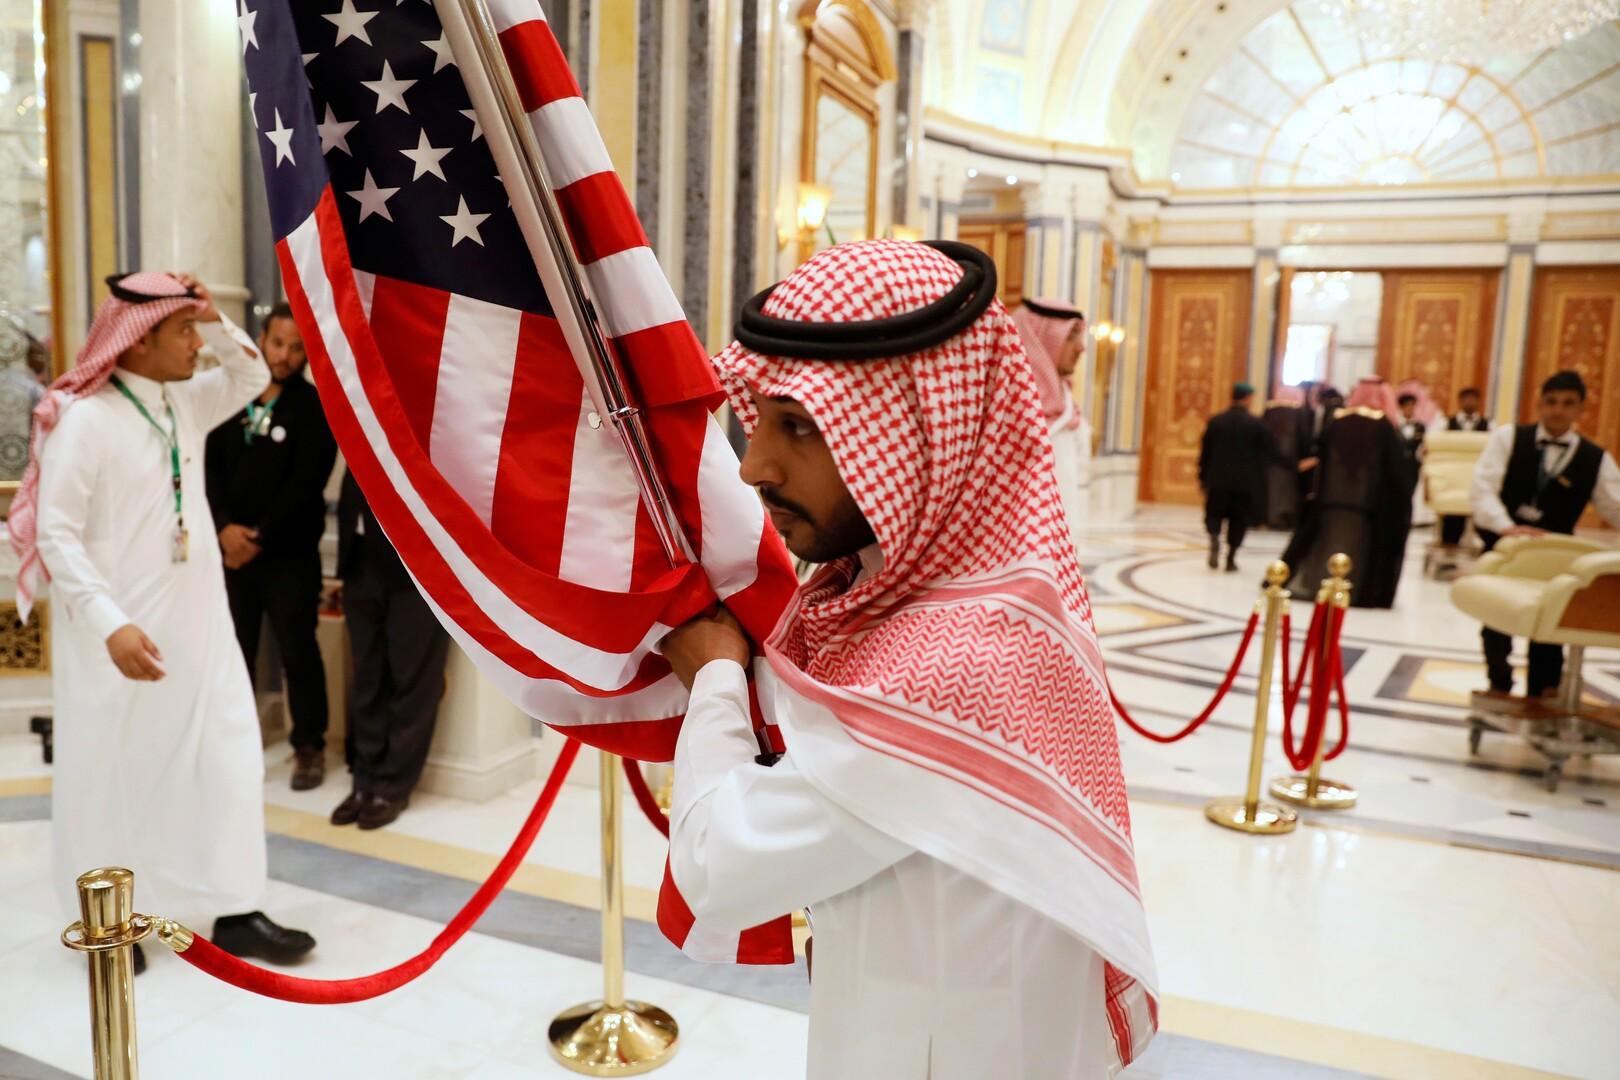 الولايات المتحدة تفوقت على السعودية ولكن لفترة وجيزة